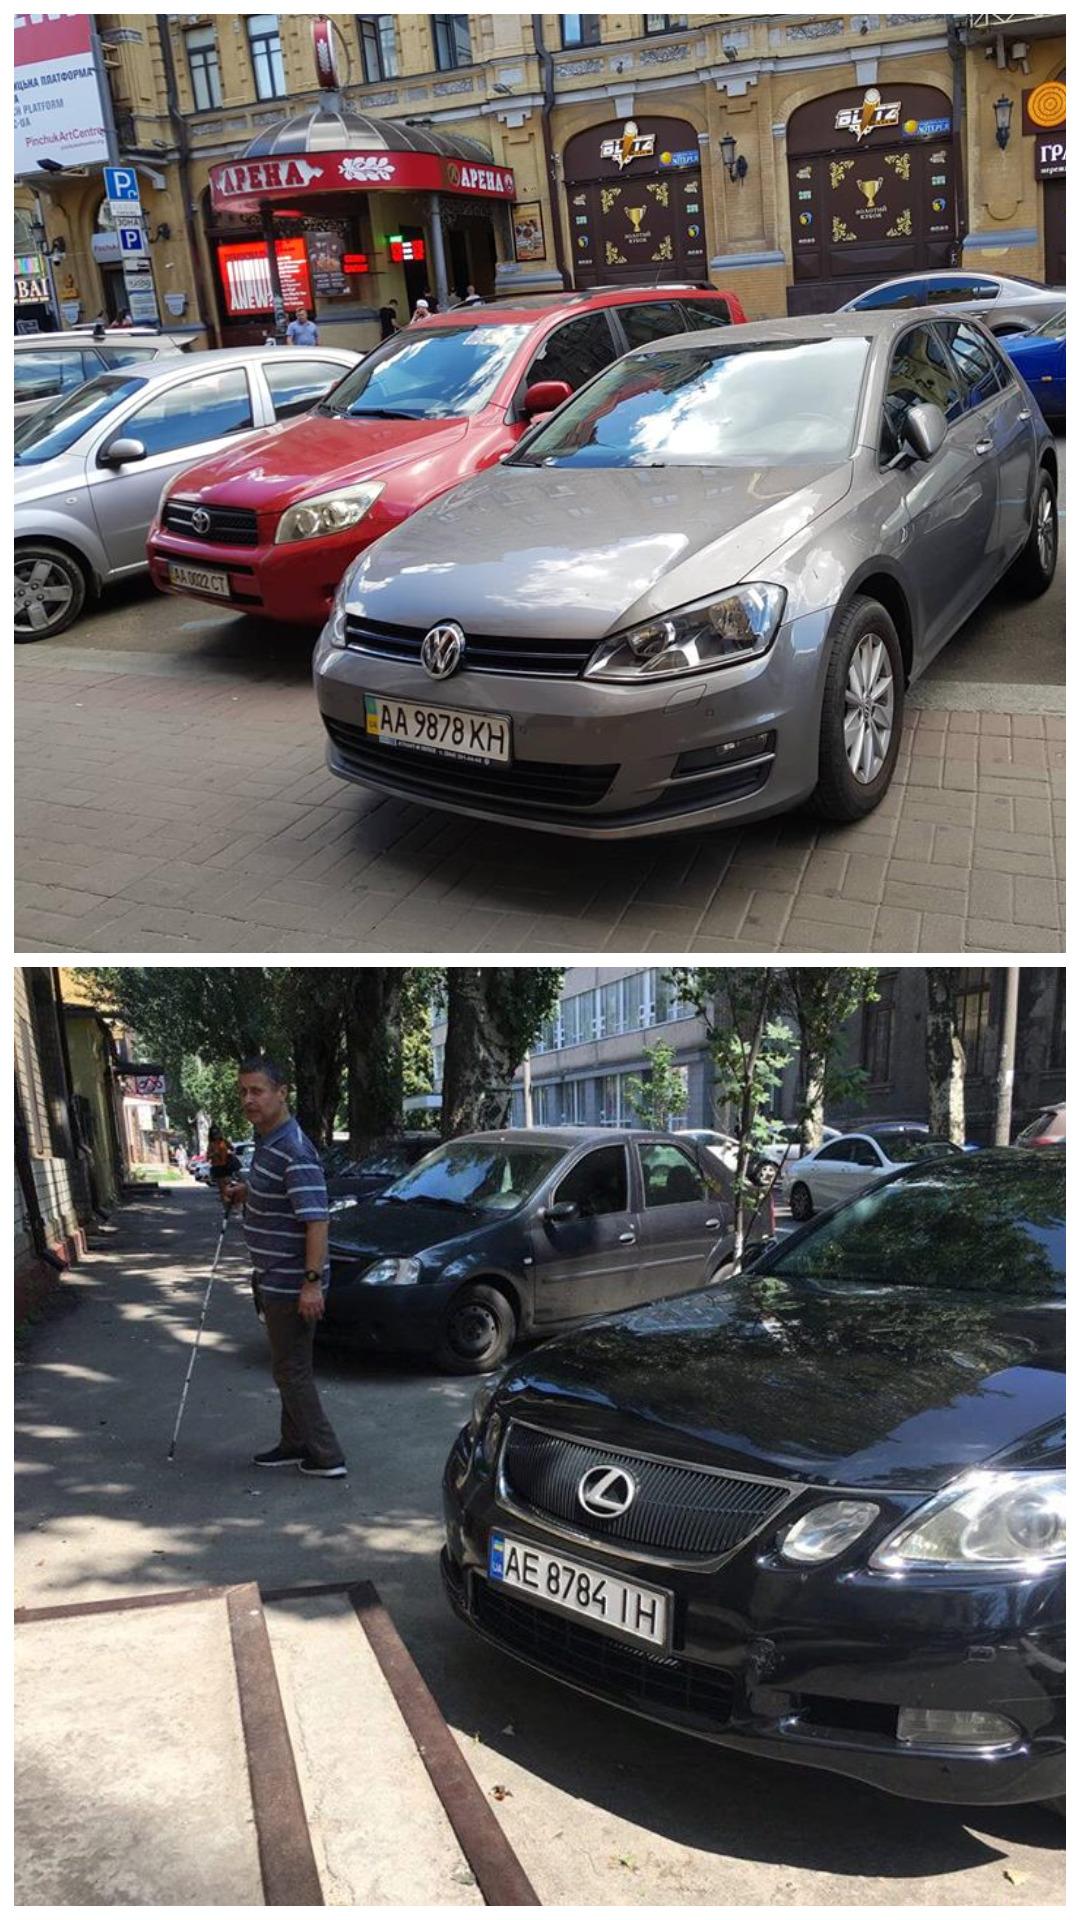 Volkswagen Golf 7 с номером АА 9878 КН и Lexus GS 300 с номером АЕ 8784 ІН